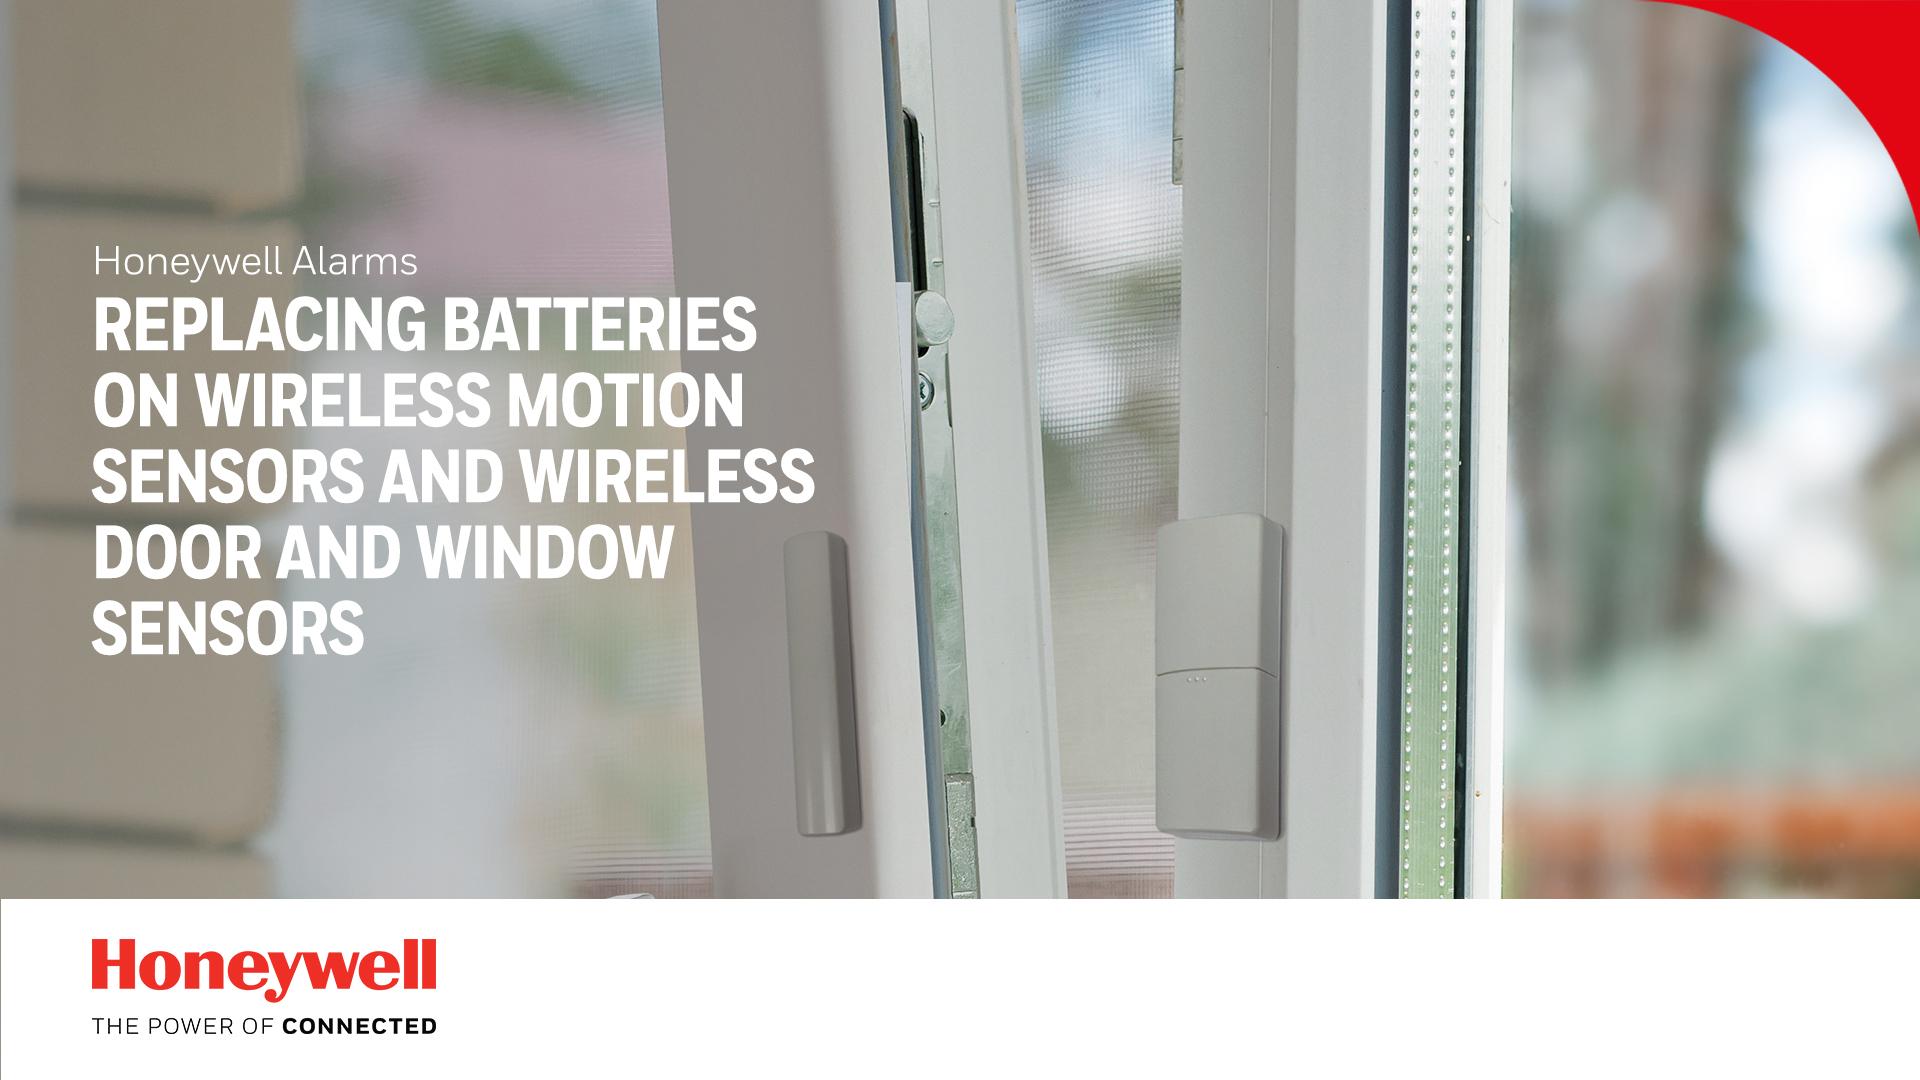 Remplacement des piles des détecteurs de portes/fenêtres et de mouvement sans fil